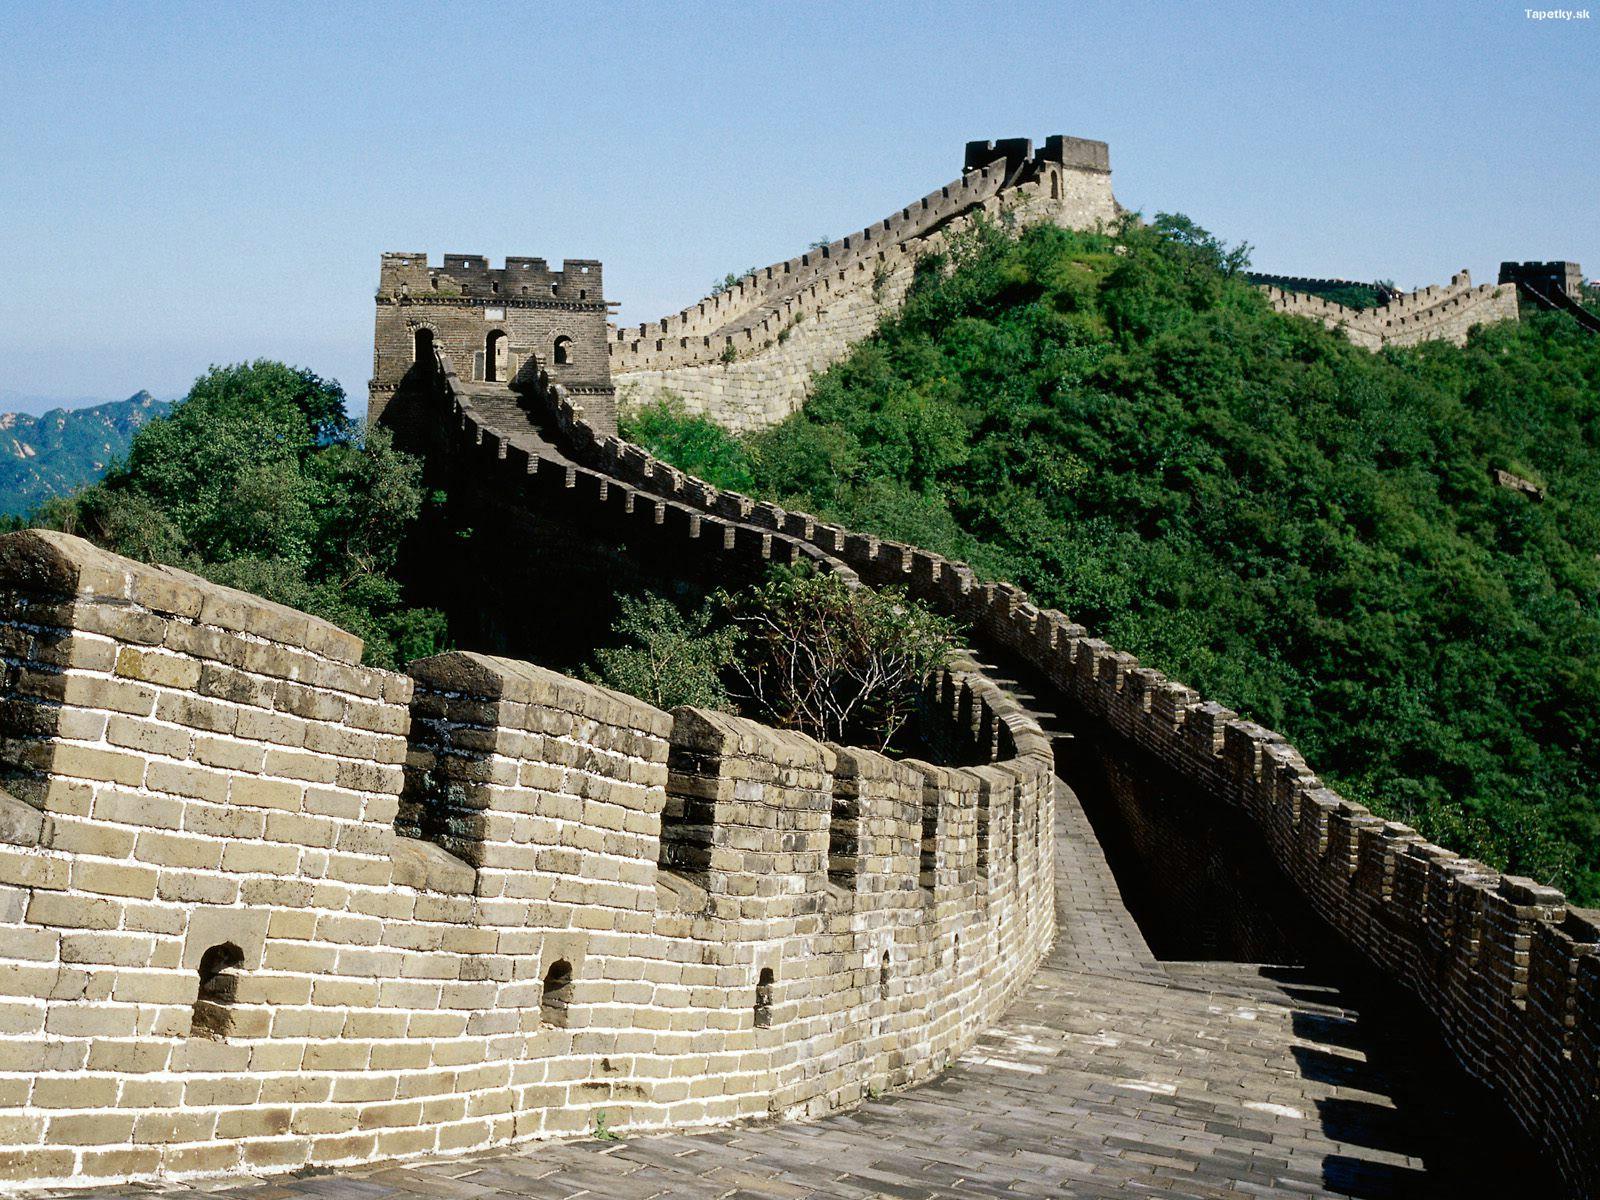 Očkování před cestou do Číny - zdravotní rizika, povinná a doporučená očkování